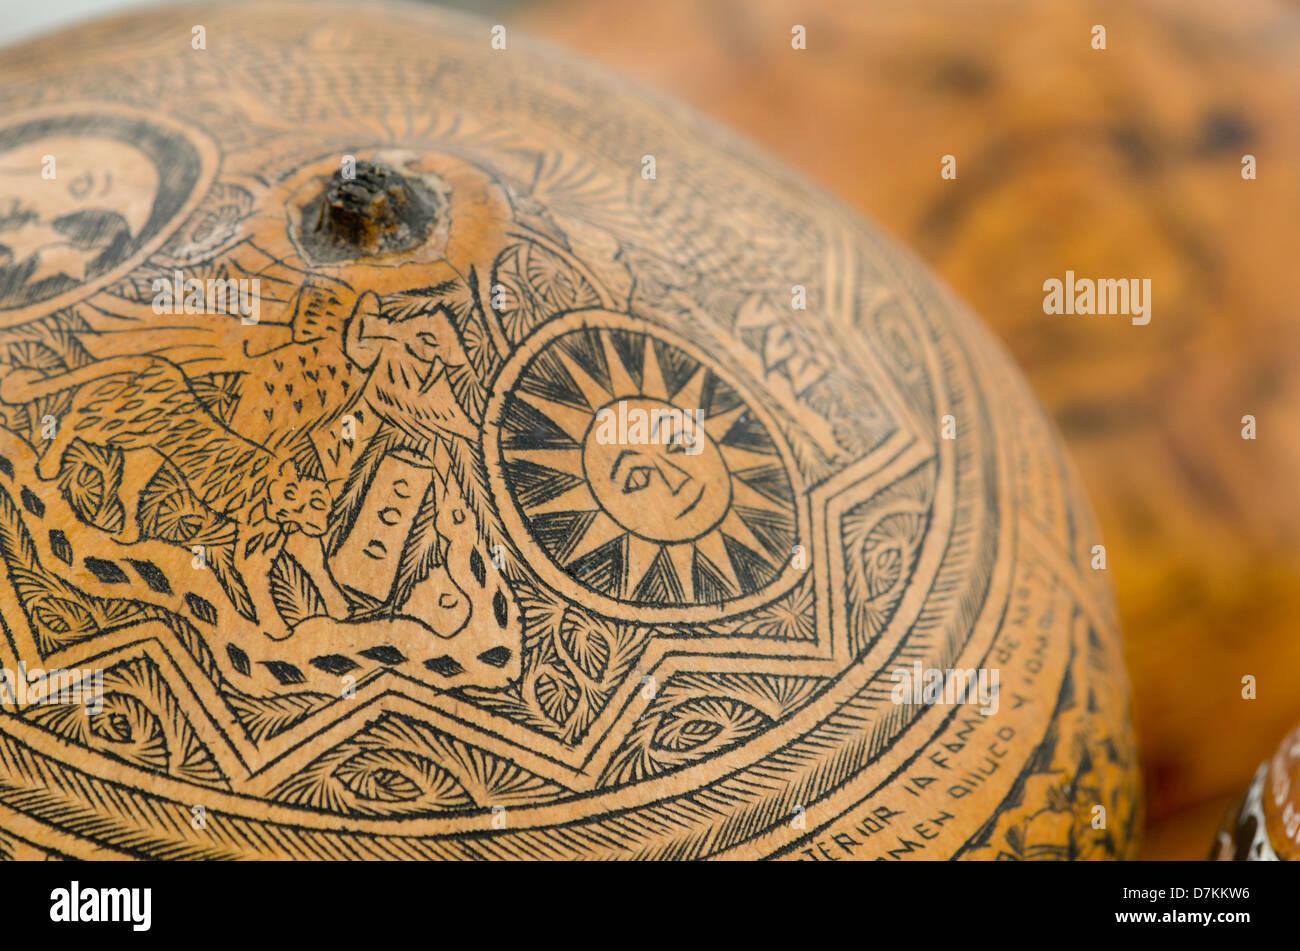 Ecuador, Quito area. Otavalo Handicraft Market. Hand carved dried gourds. - Stock Image